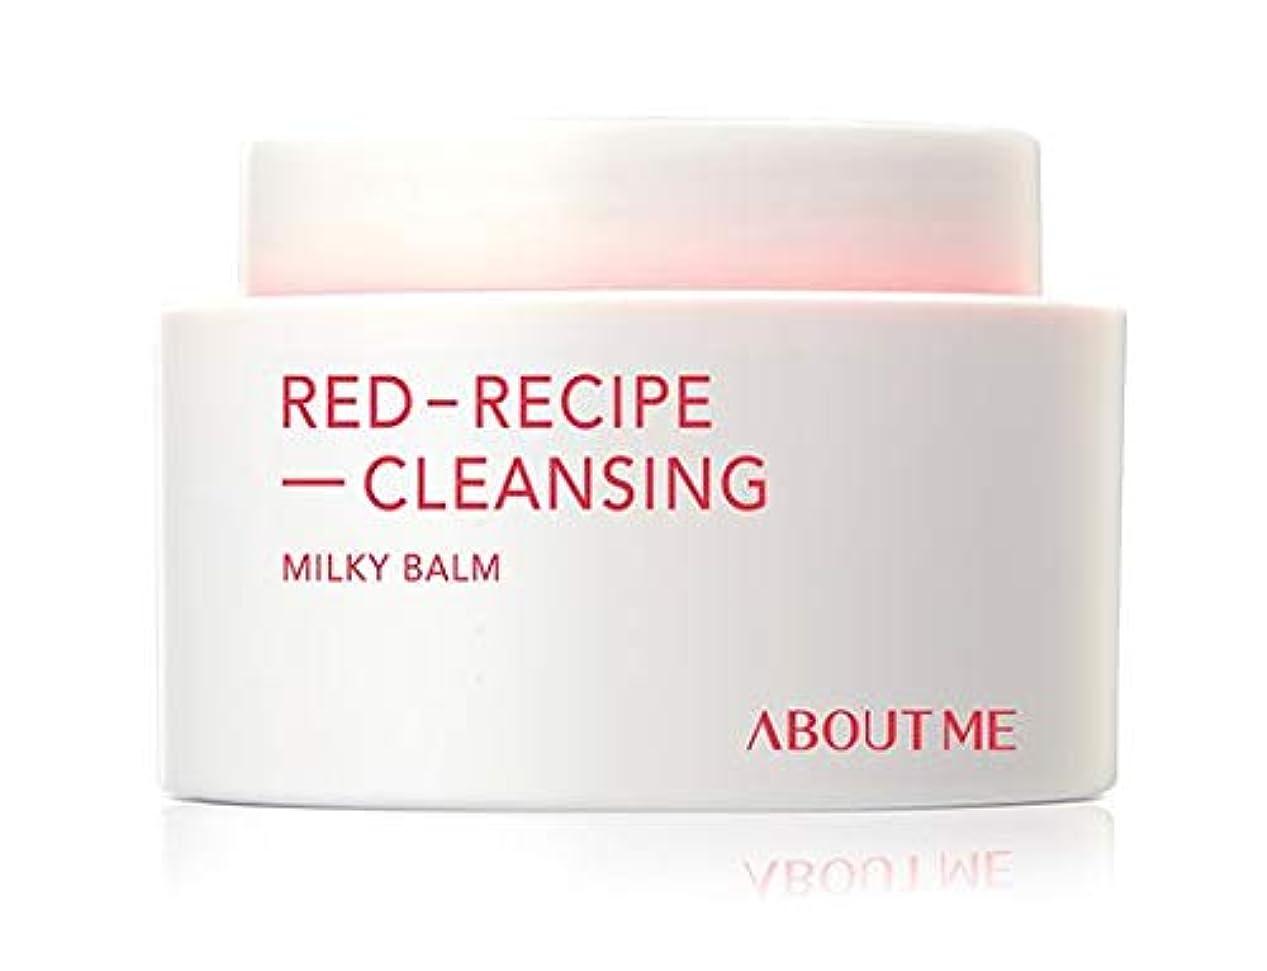 イソギンチャク脚本展開する[ABOUT ME] RED RECIPE CLEANSING MILKY BALM 90ml / [アバウトミー] レッド レシピ クレンジング ミルキー バーム 90ml [並行輸入品]